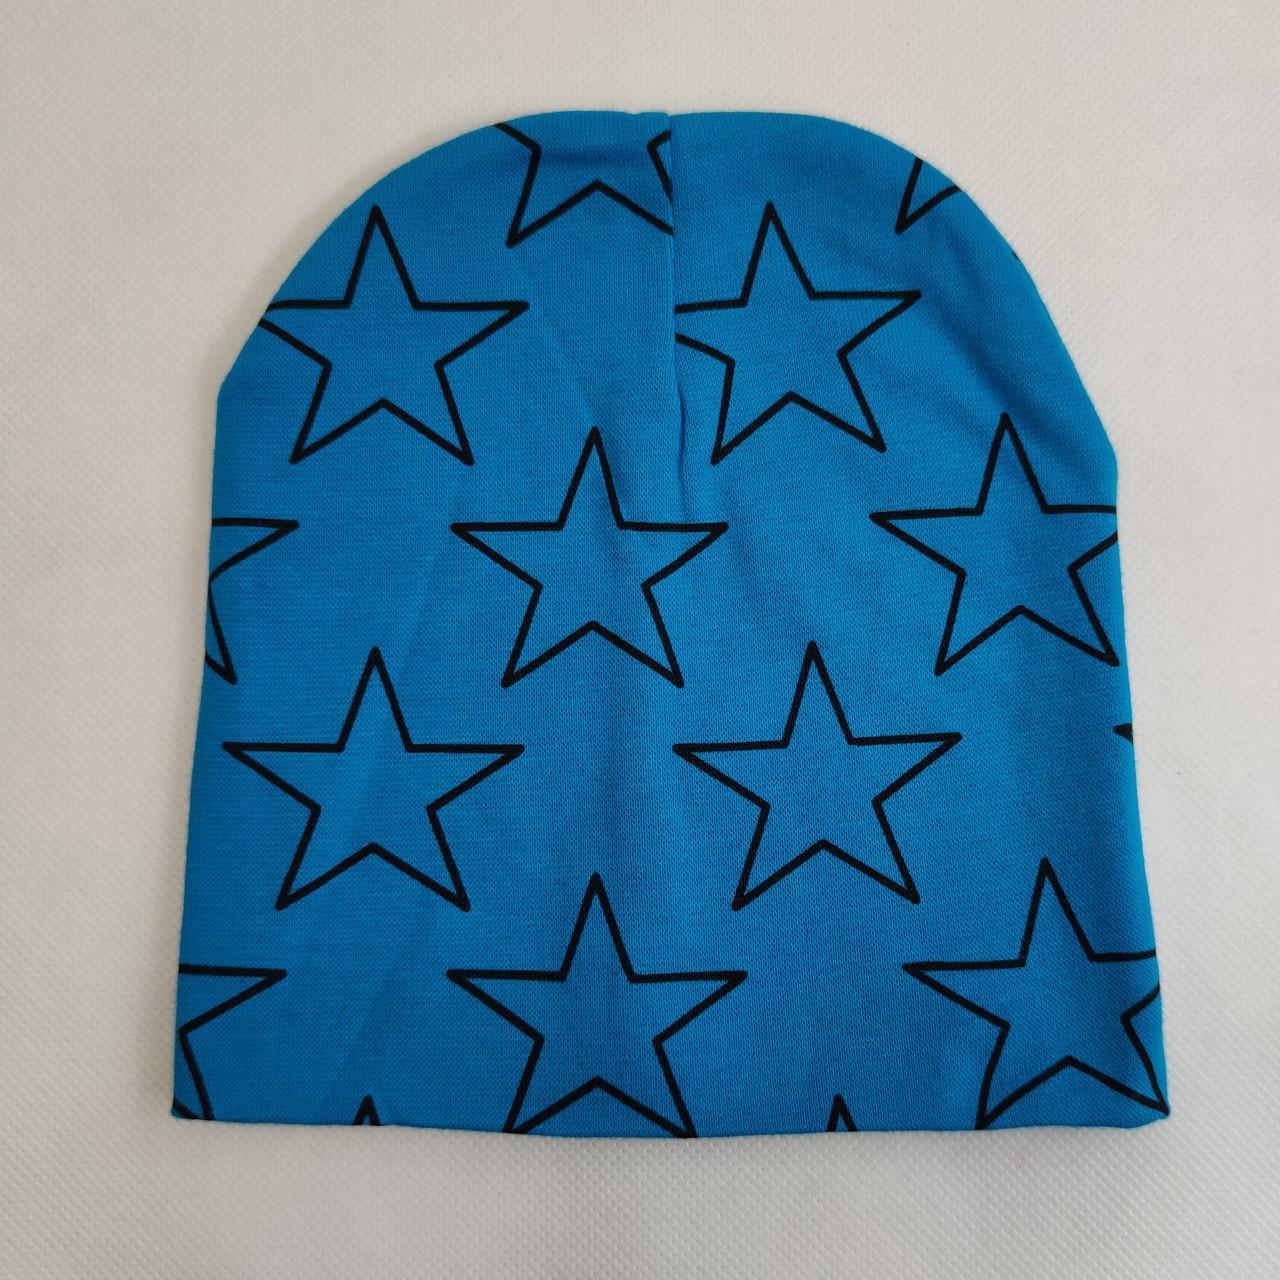 Демисезонная хлопковая шапка для мальчика синяя звезда от 2 до 6 лет